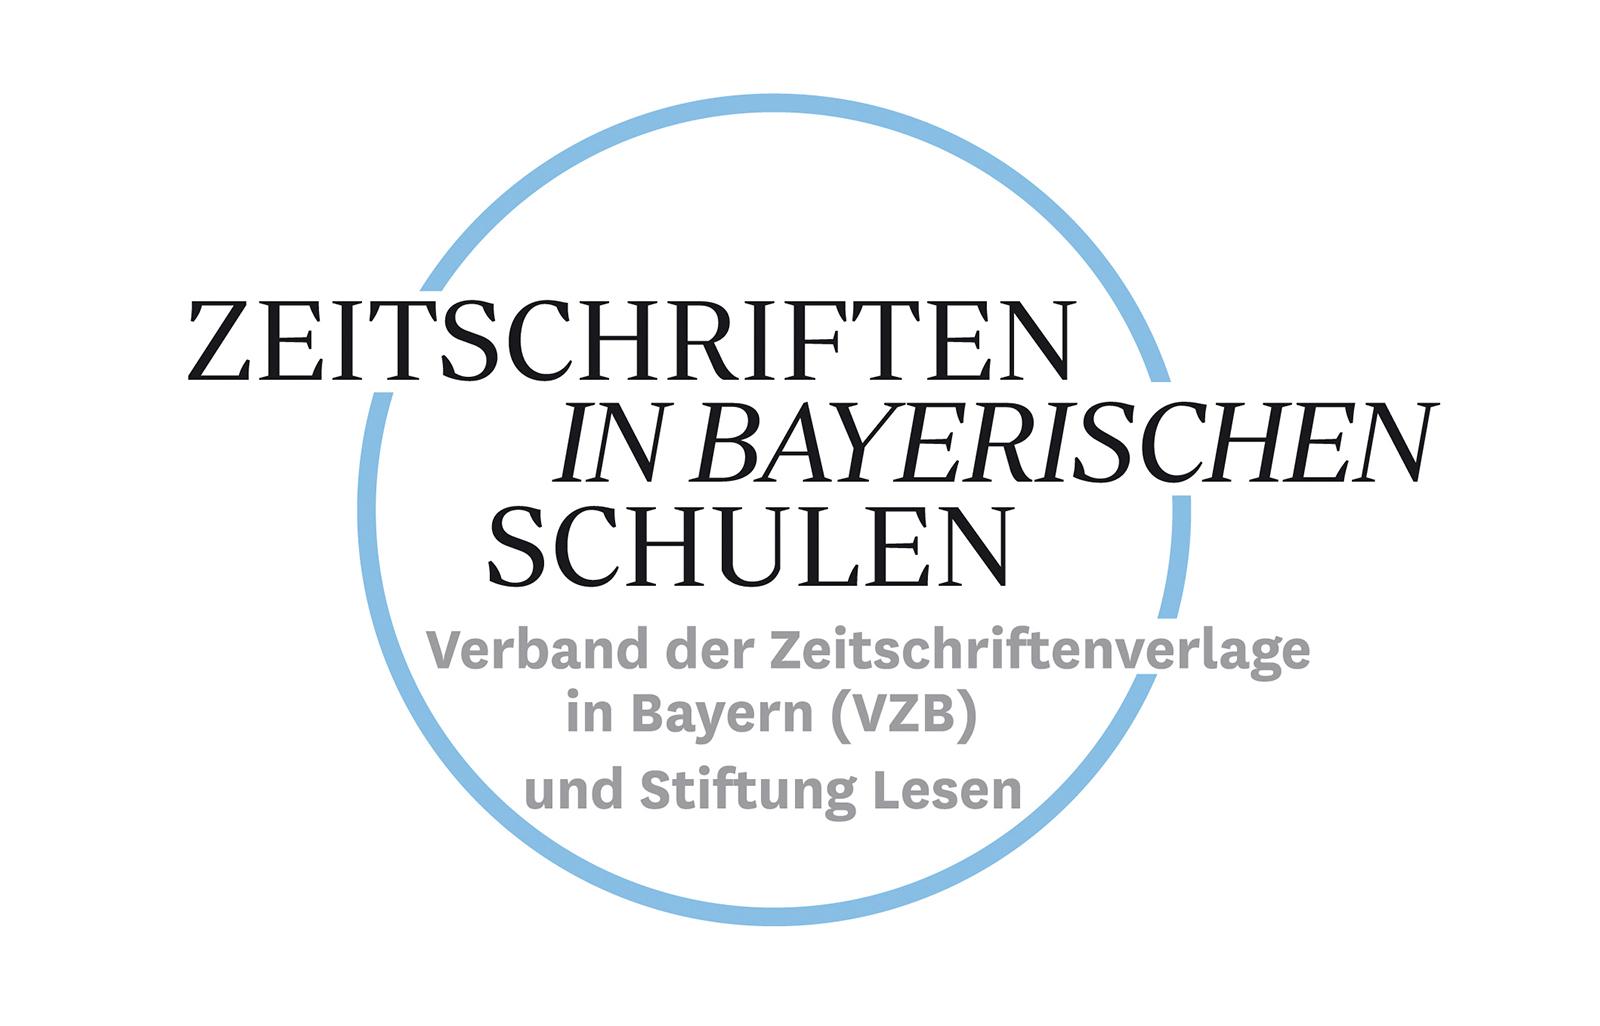 Zeitschriften in bayerischen Schulen